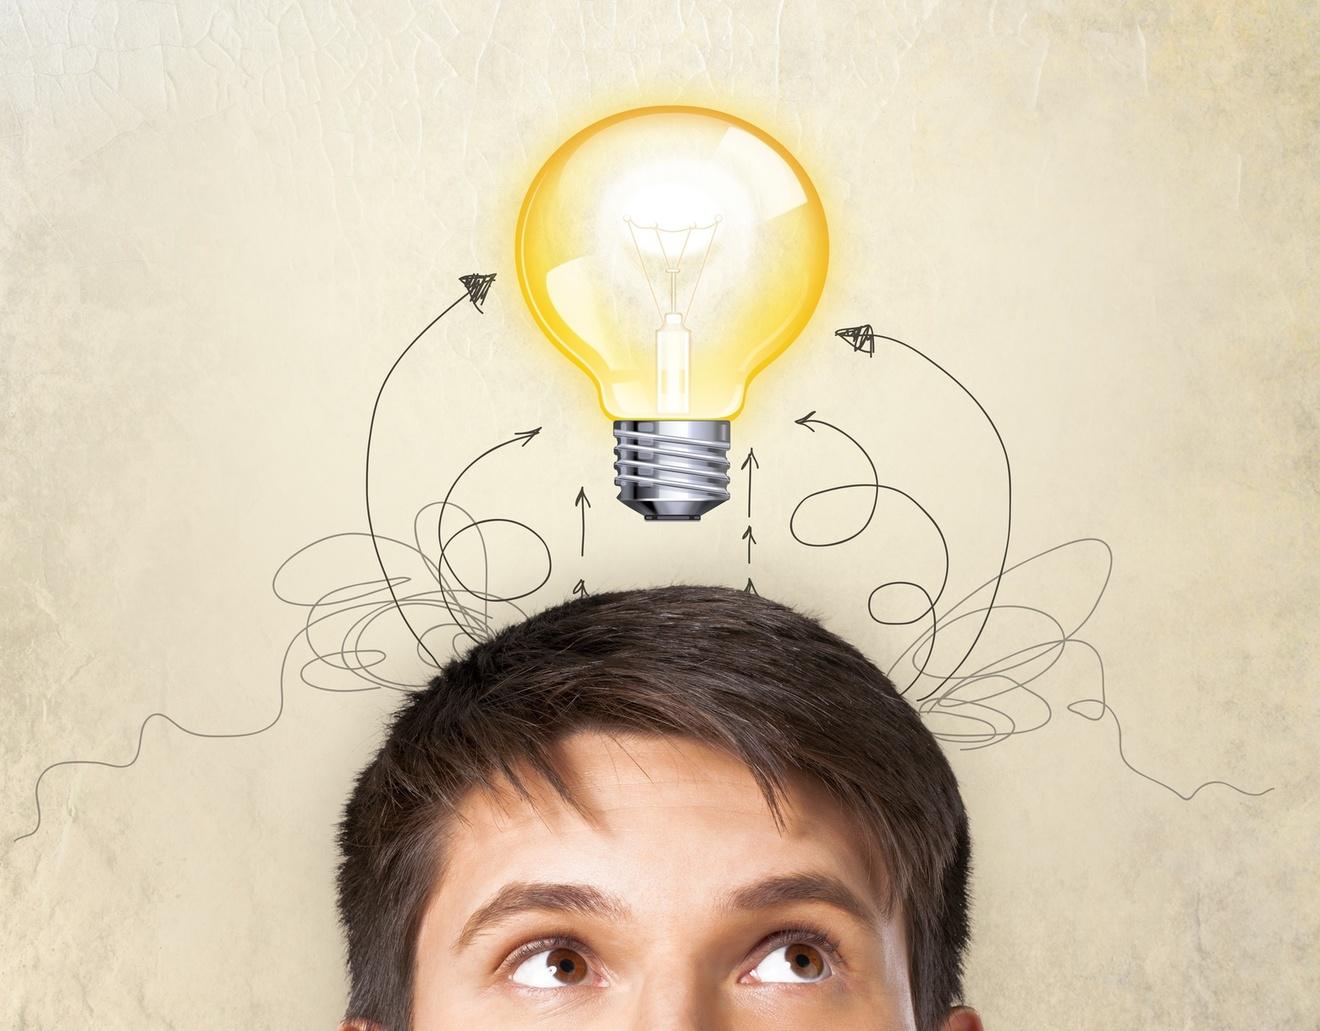 5分でわかる電力自由化!仕組みやメリット・デメリットなどをわかりやすく解説